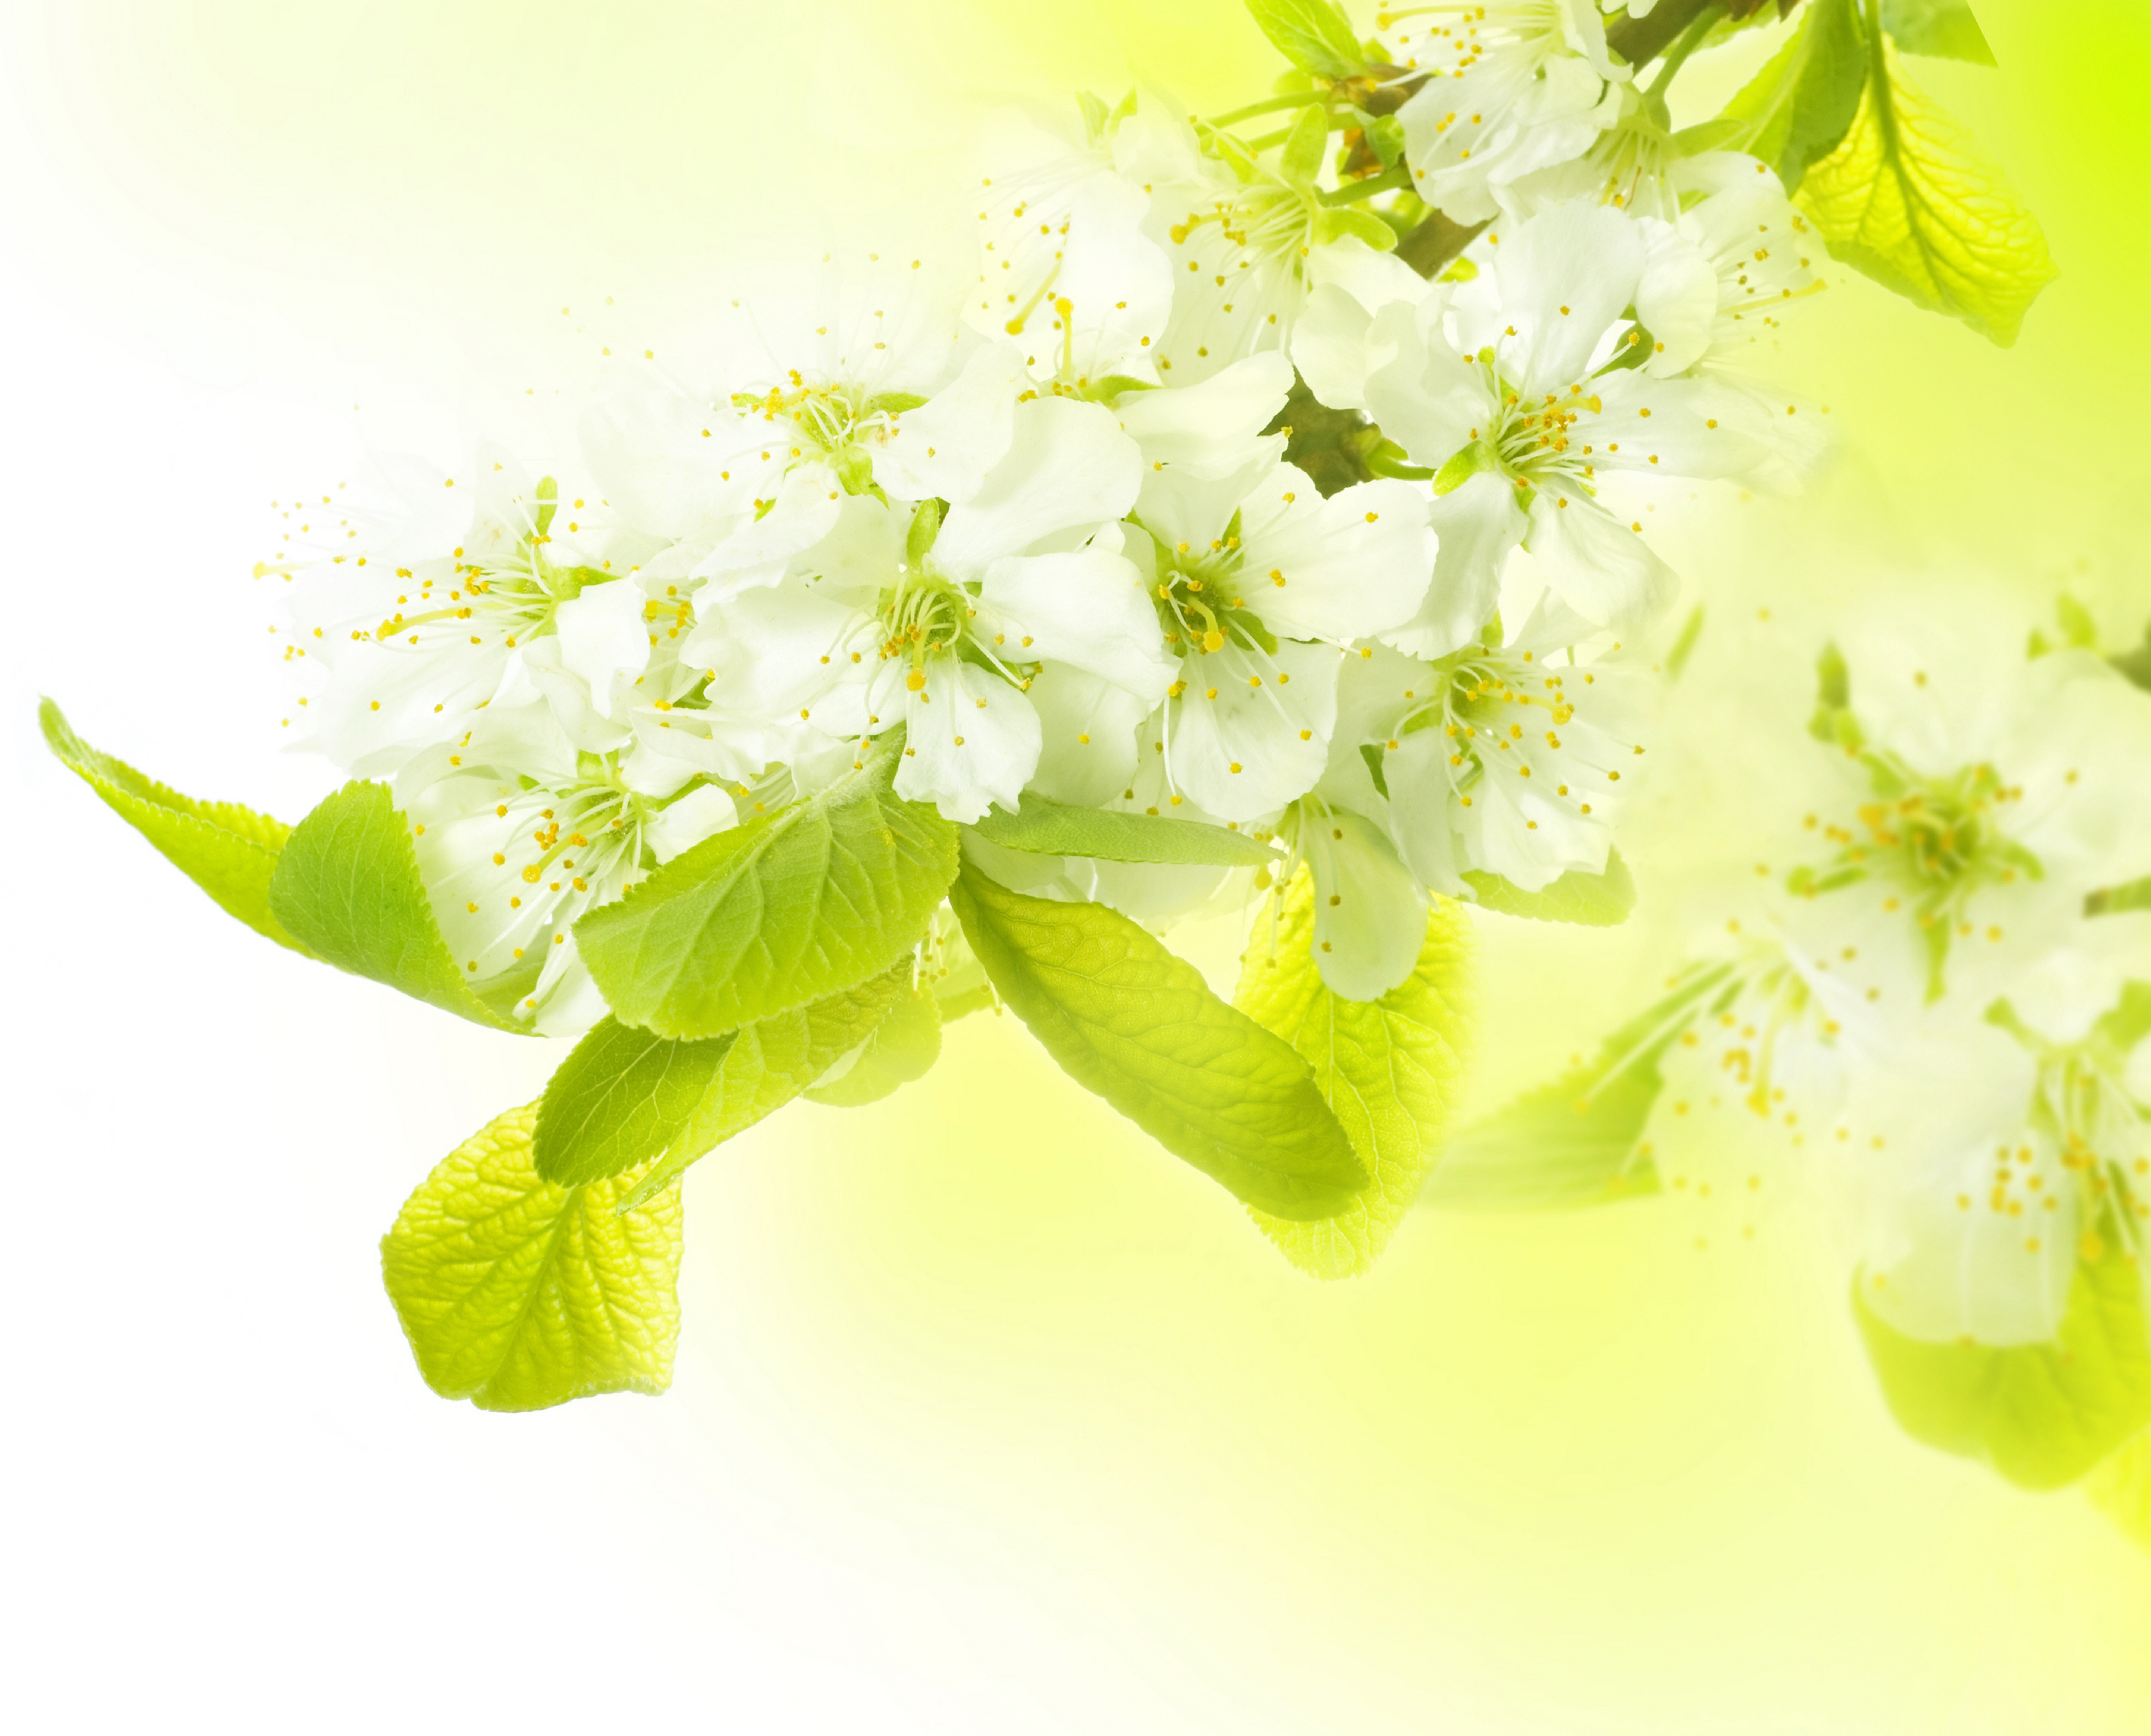 112238 скачать обои Макро, Ветка, Весна, Яблоня, Цветы - заставки и картинки бесплатно